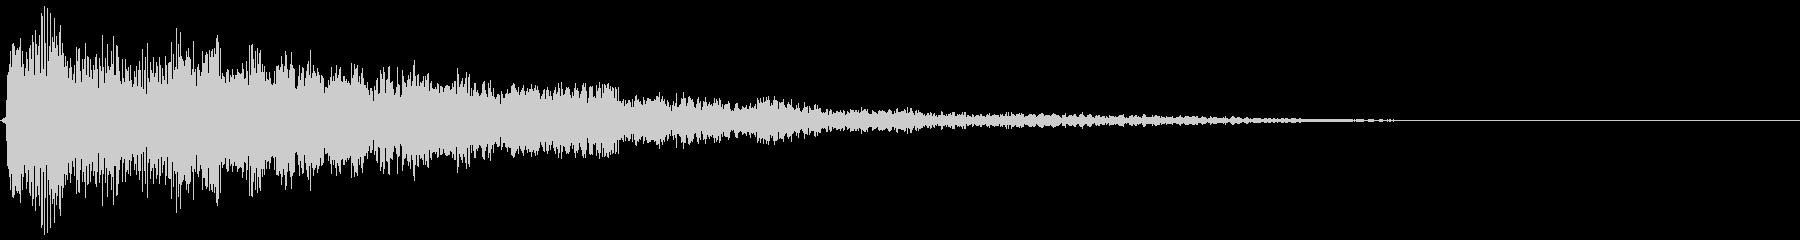 テロップ紹介(ピアノとシンセ:バン)5の未再生の波形